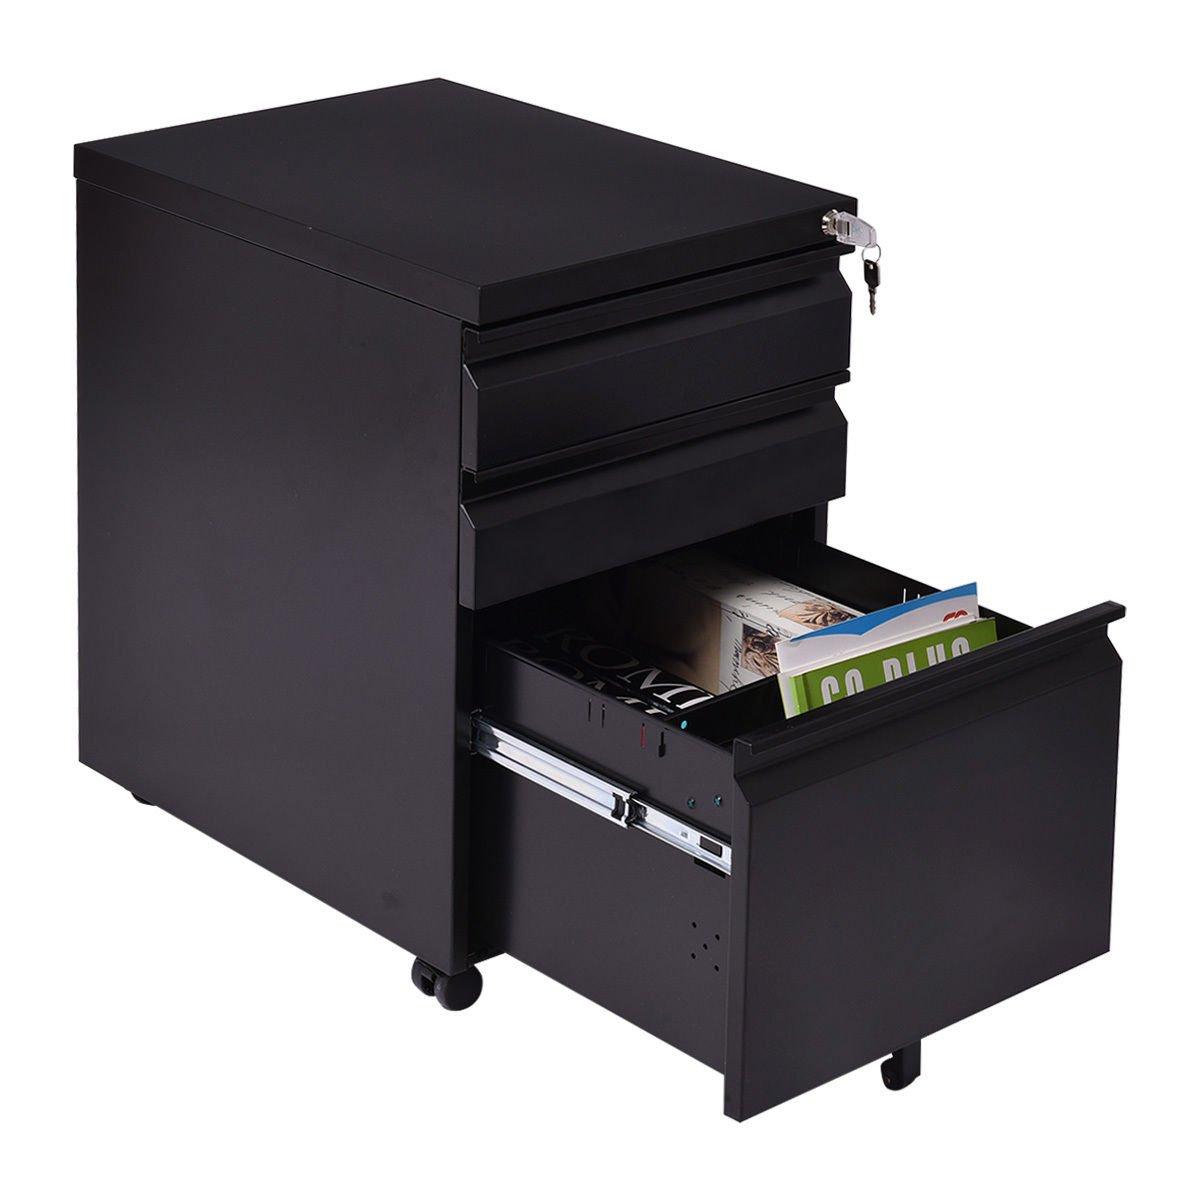 Black 3 Drawer Rolling Mobile File Pedestal Storage Cabinet Steel Home Office